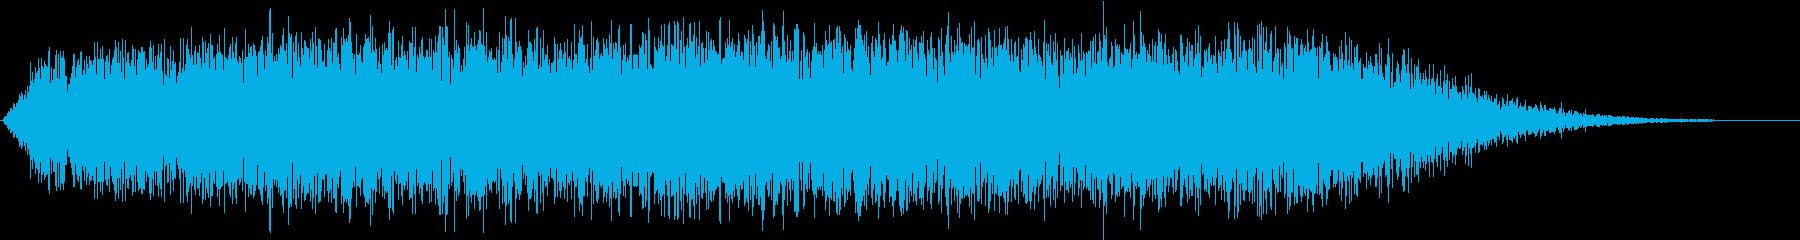 スペースシップ:DEEP ENGI...の再生済みの波形